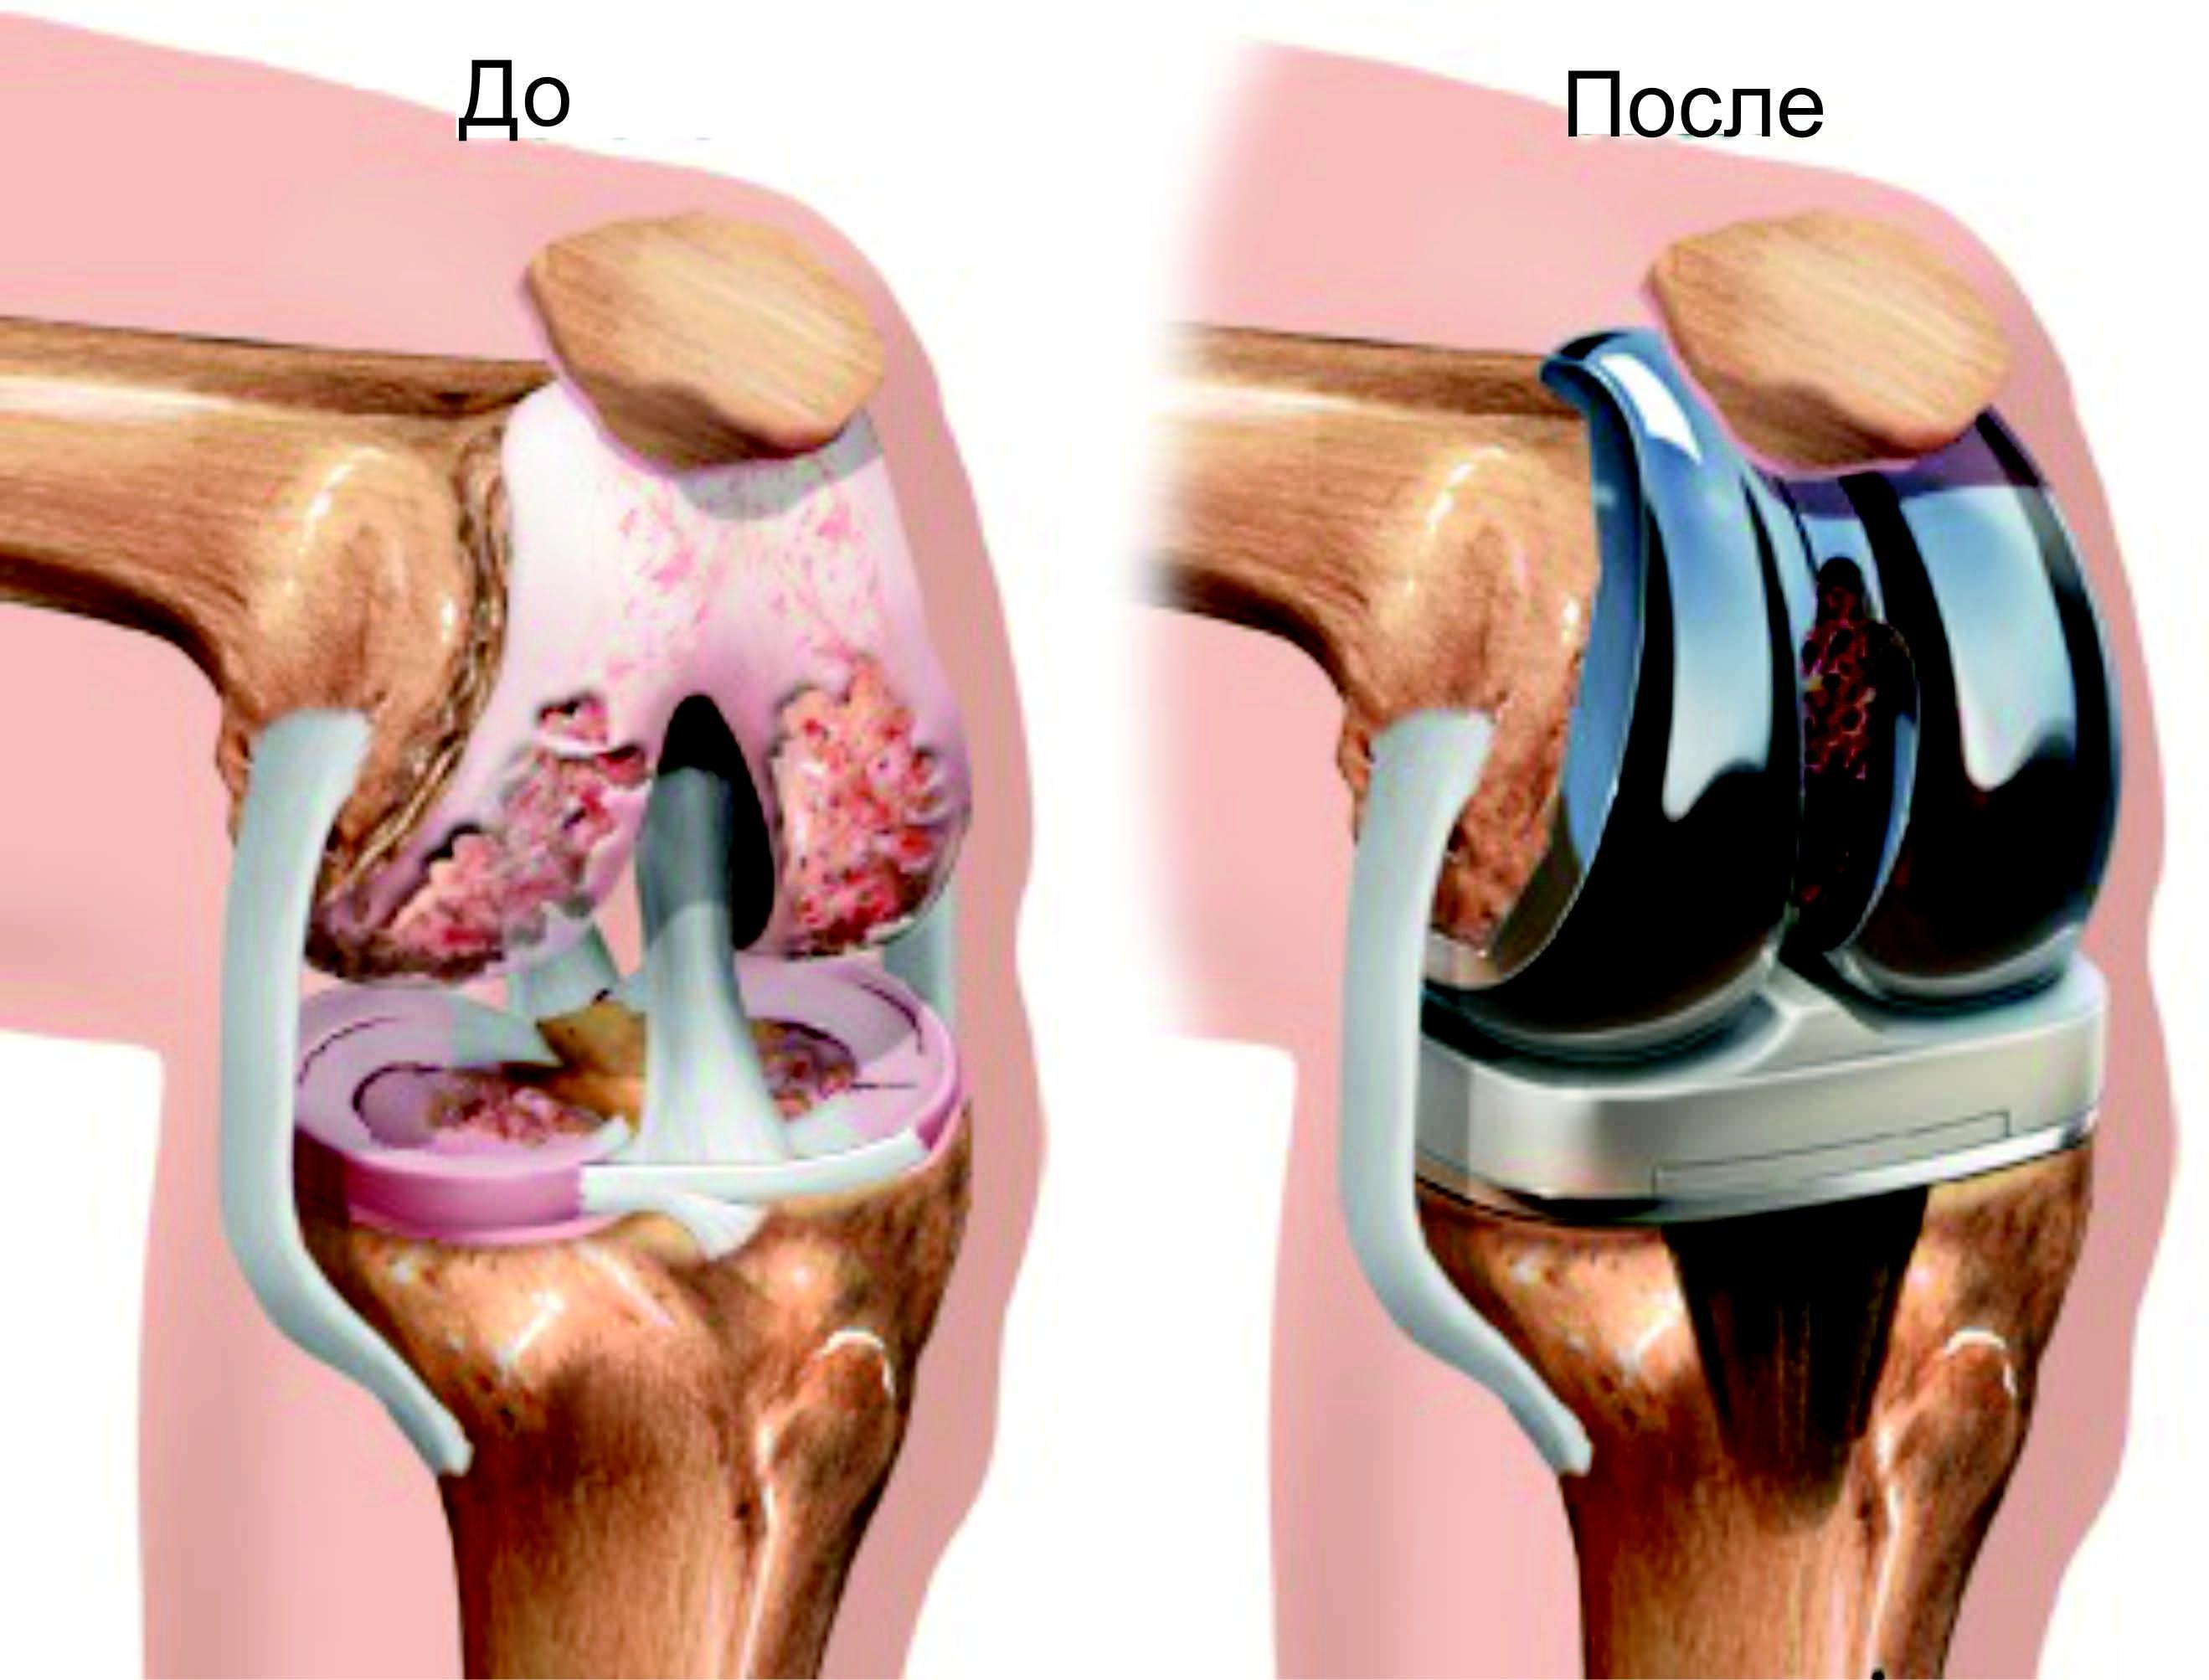 Стоимость операции по протезированию суставов